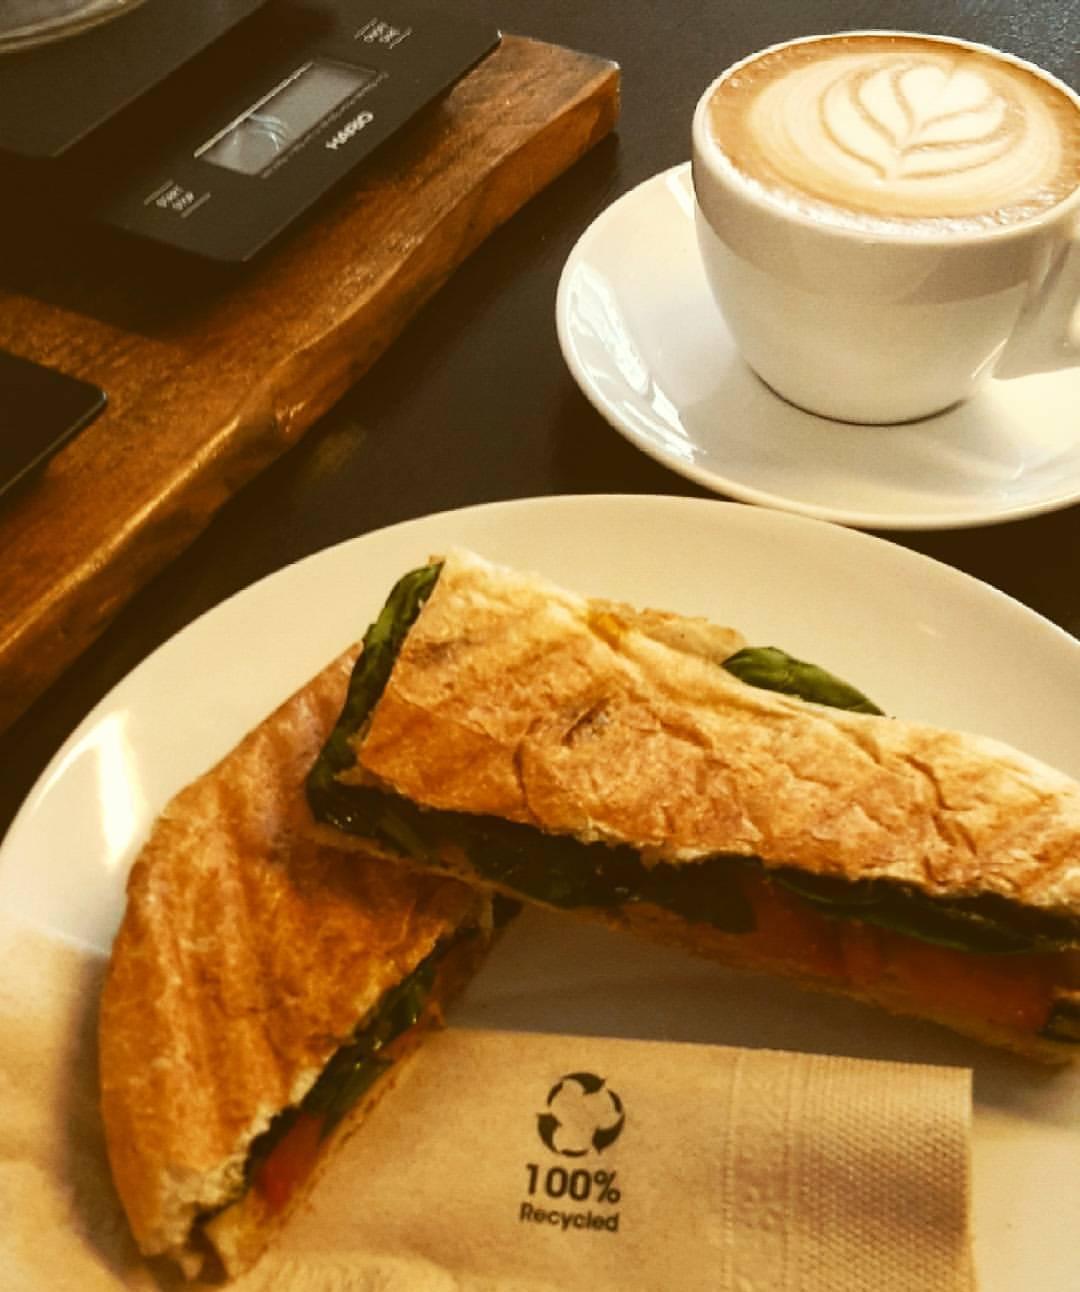 Sandwich im Kaffeehandwerk